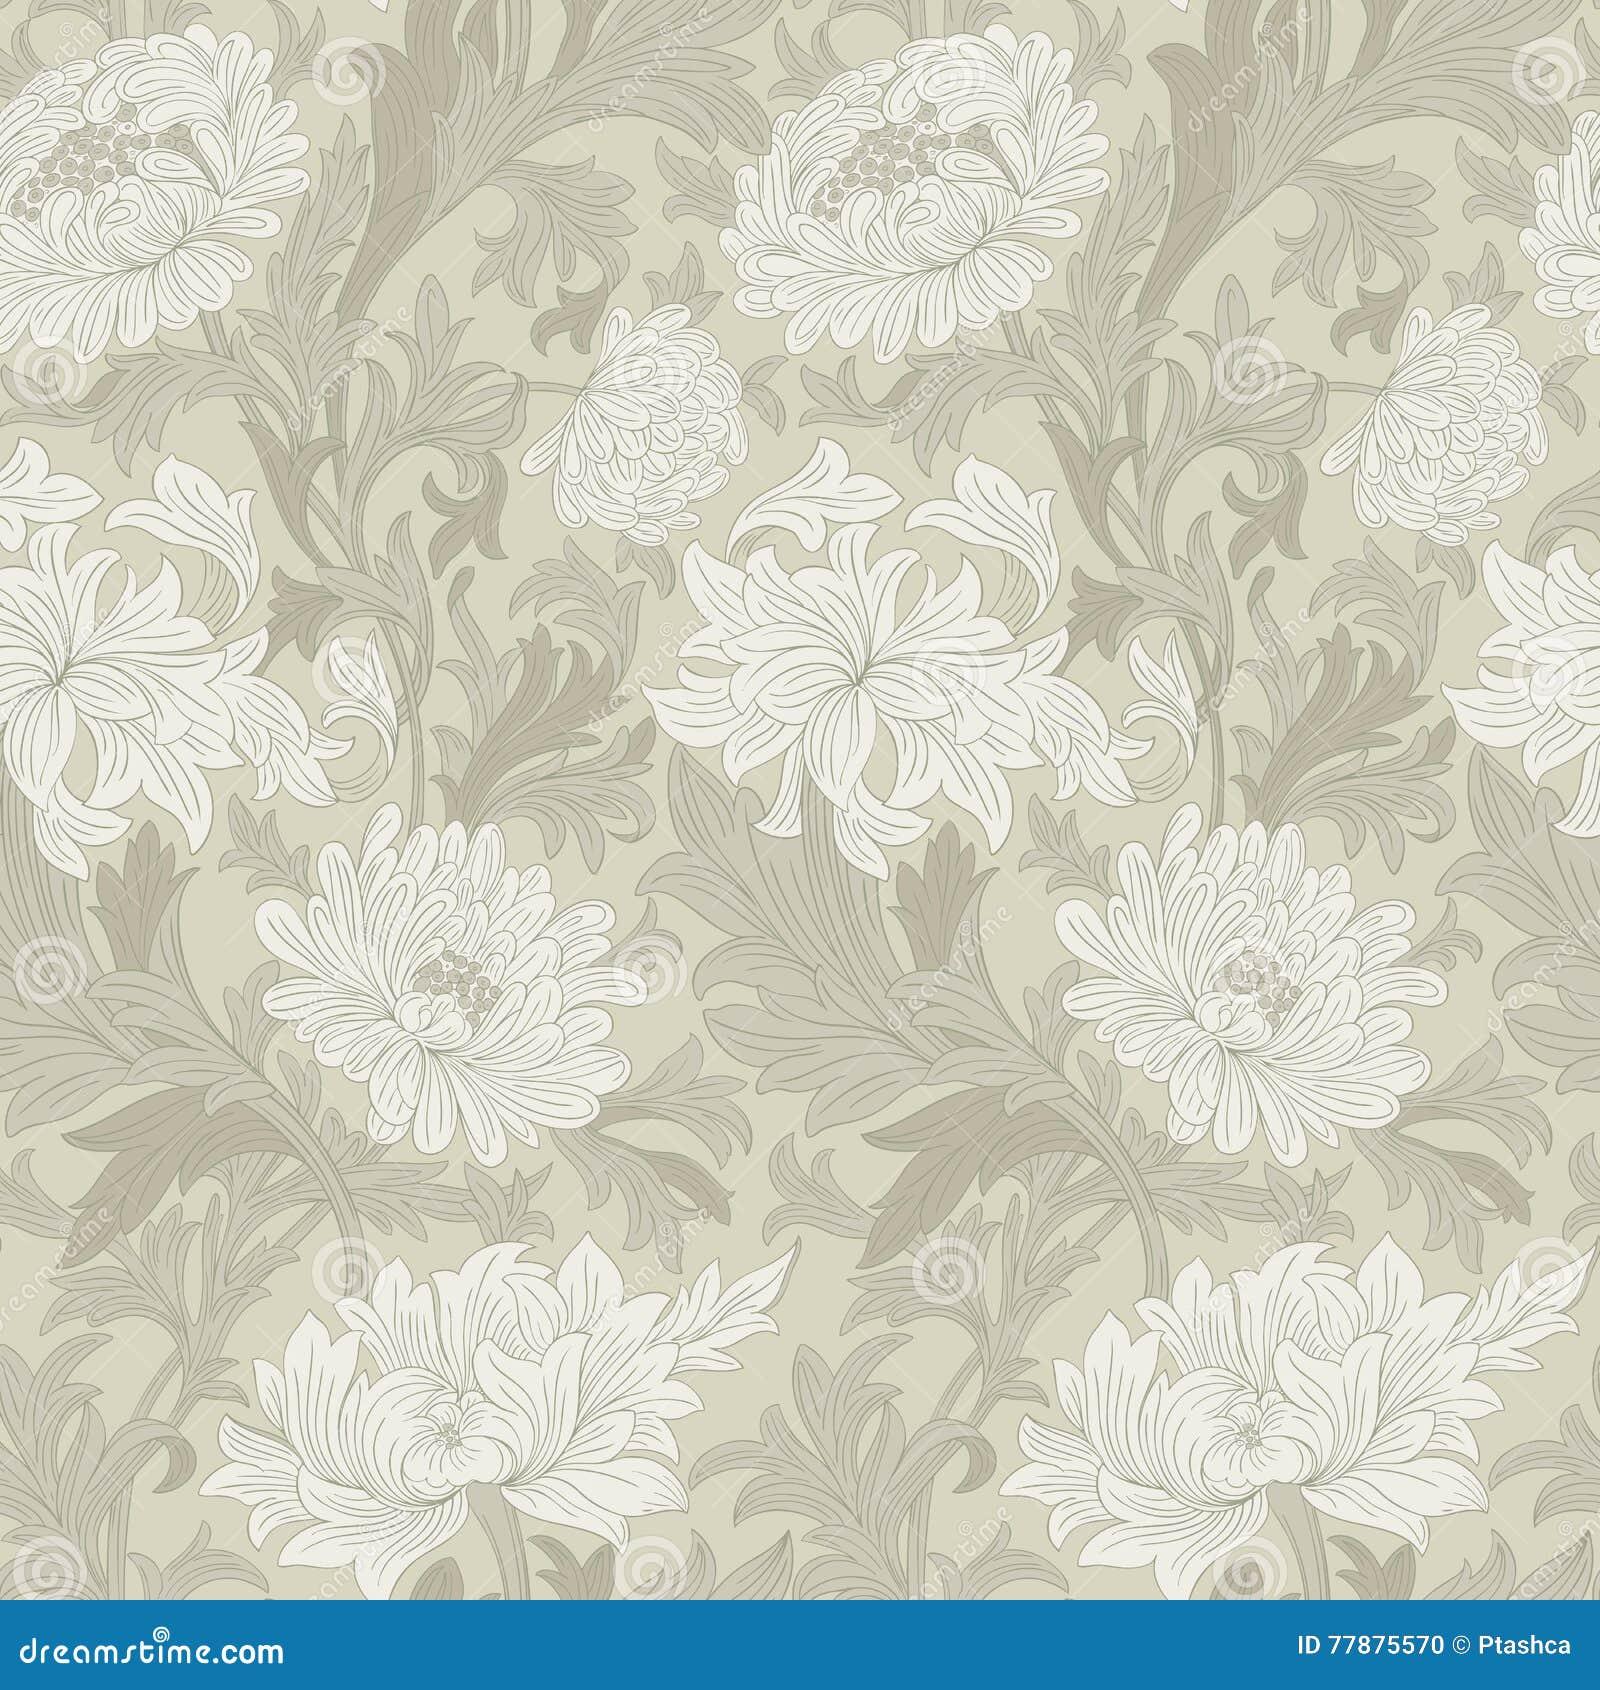 modern fabric design pattern desktop wallpaper